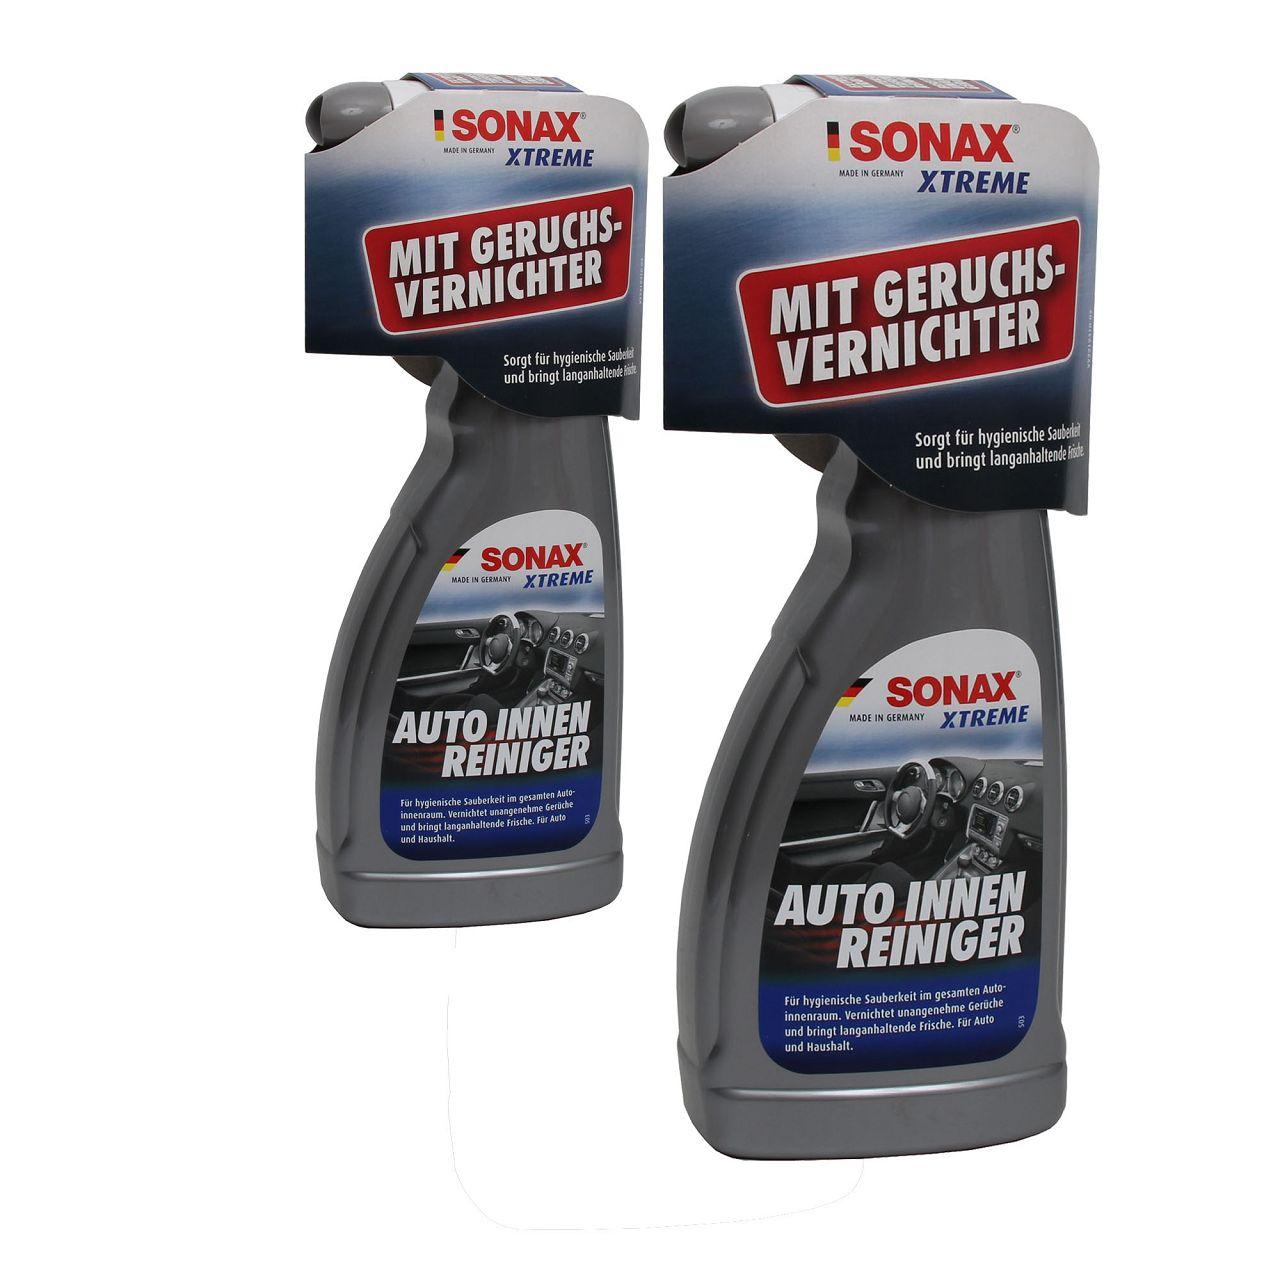 2x 500ml SONAX 02212410 XTreme Auto-Innen-Reiniger Teppich Textil-Reiniger